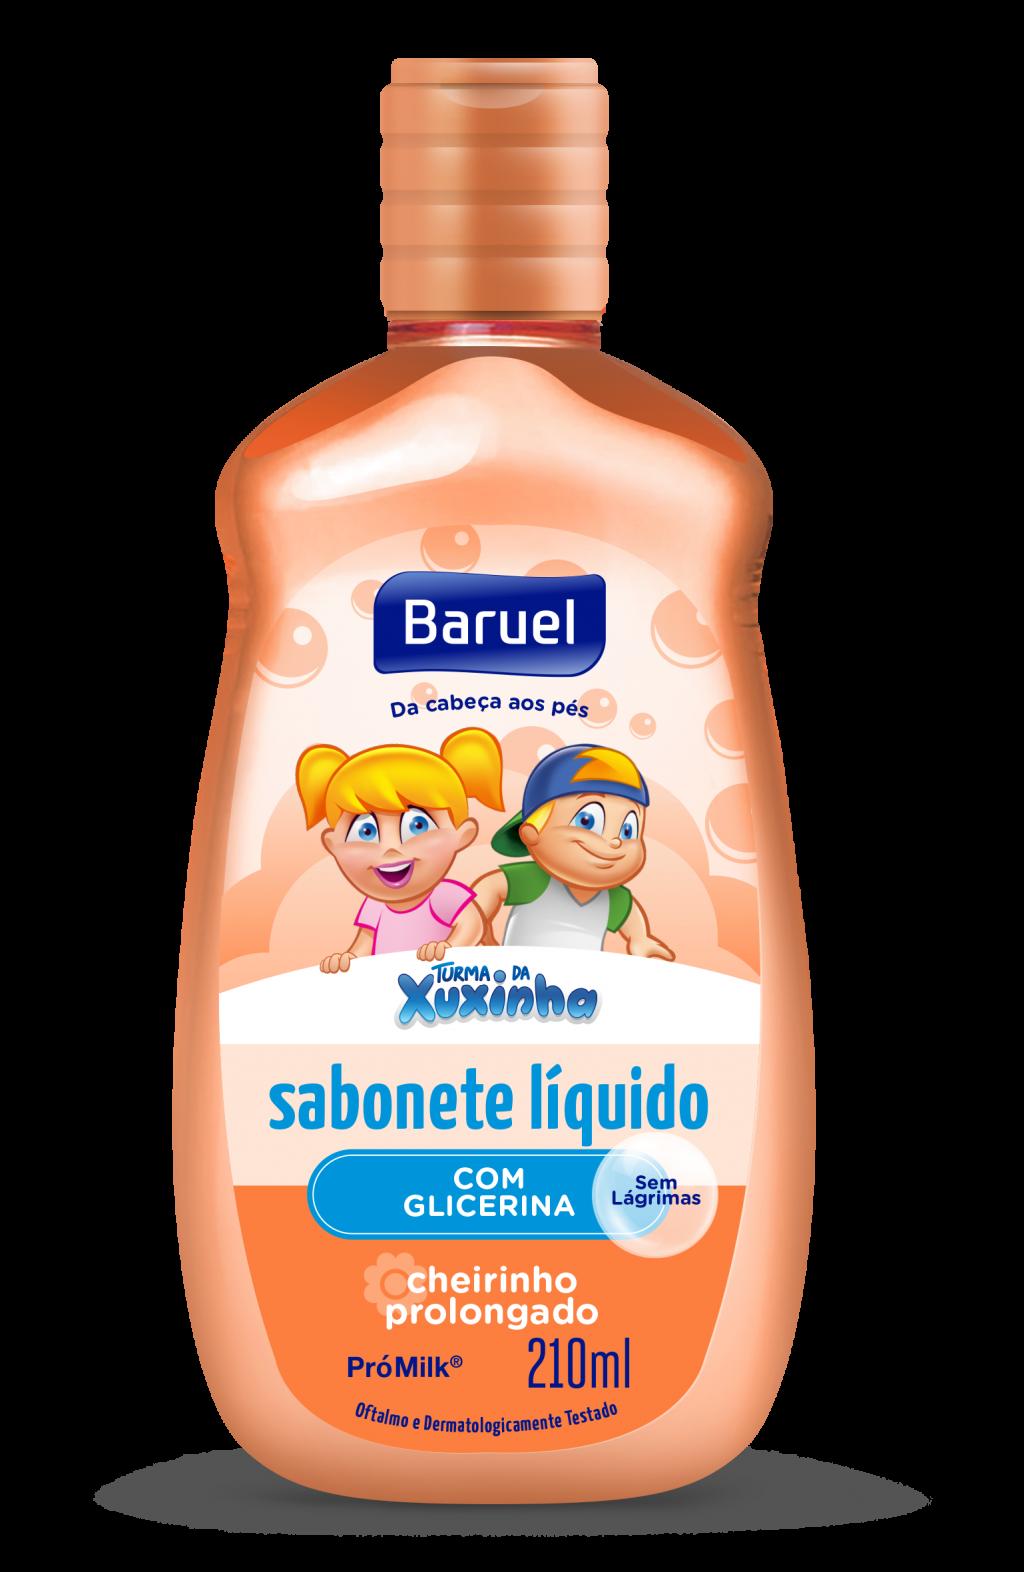 SABONETE LÍQUIDO COM GLICERINA